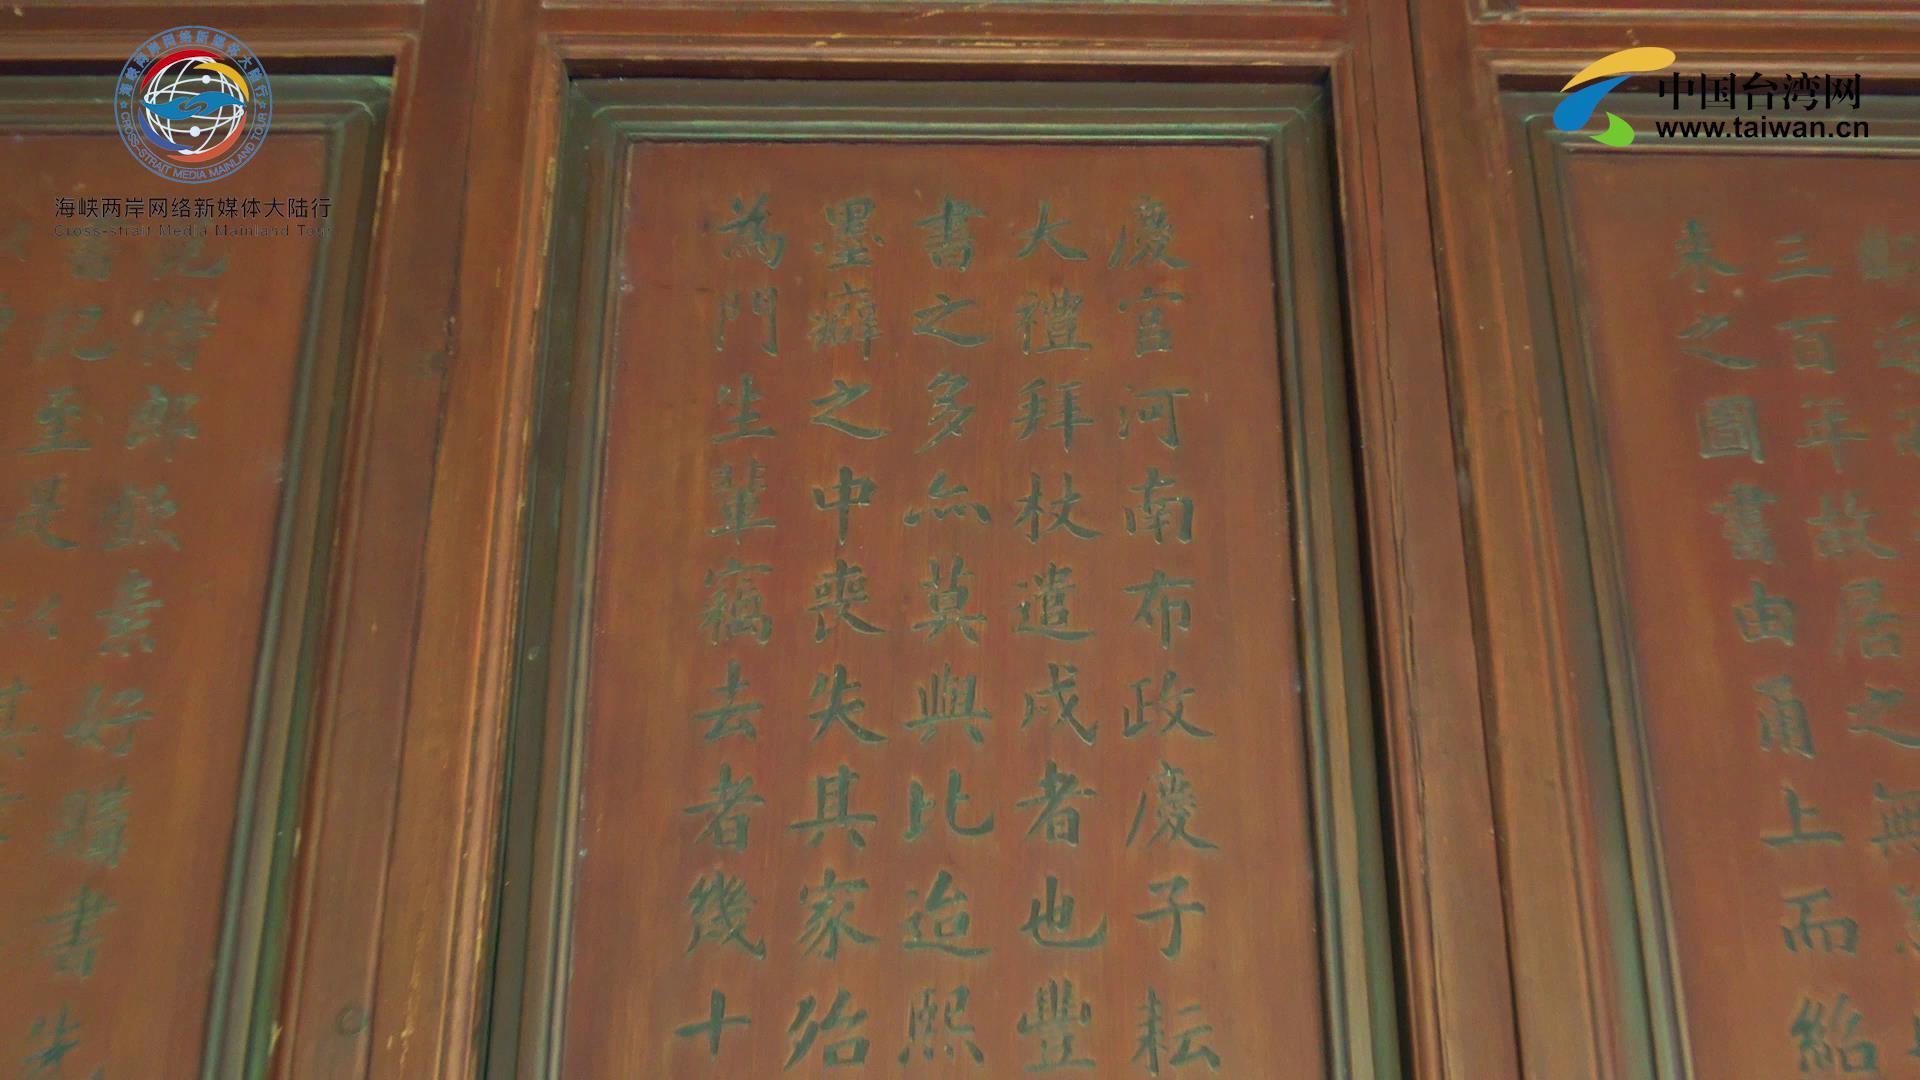 两岸媒体人 带你走进亚洲最古老的图书馆!图片